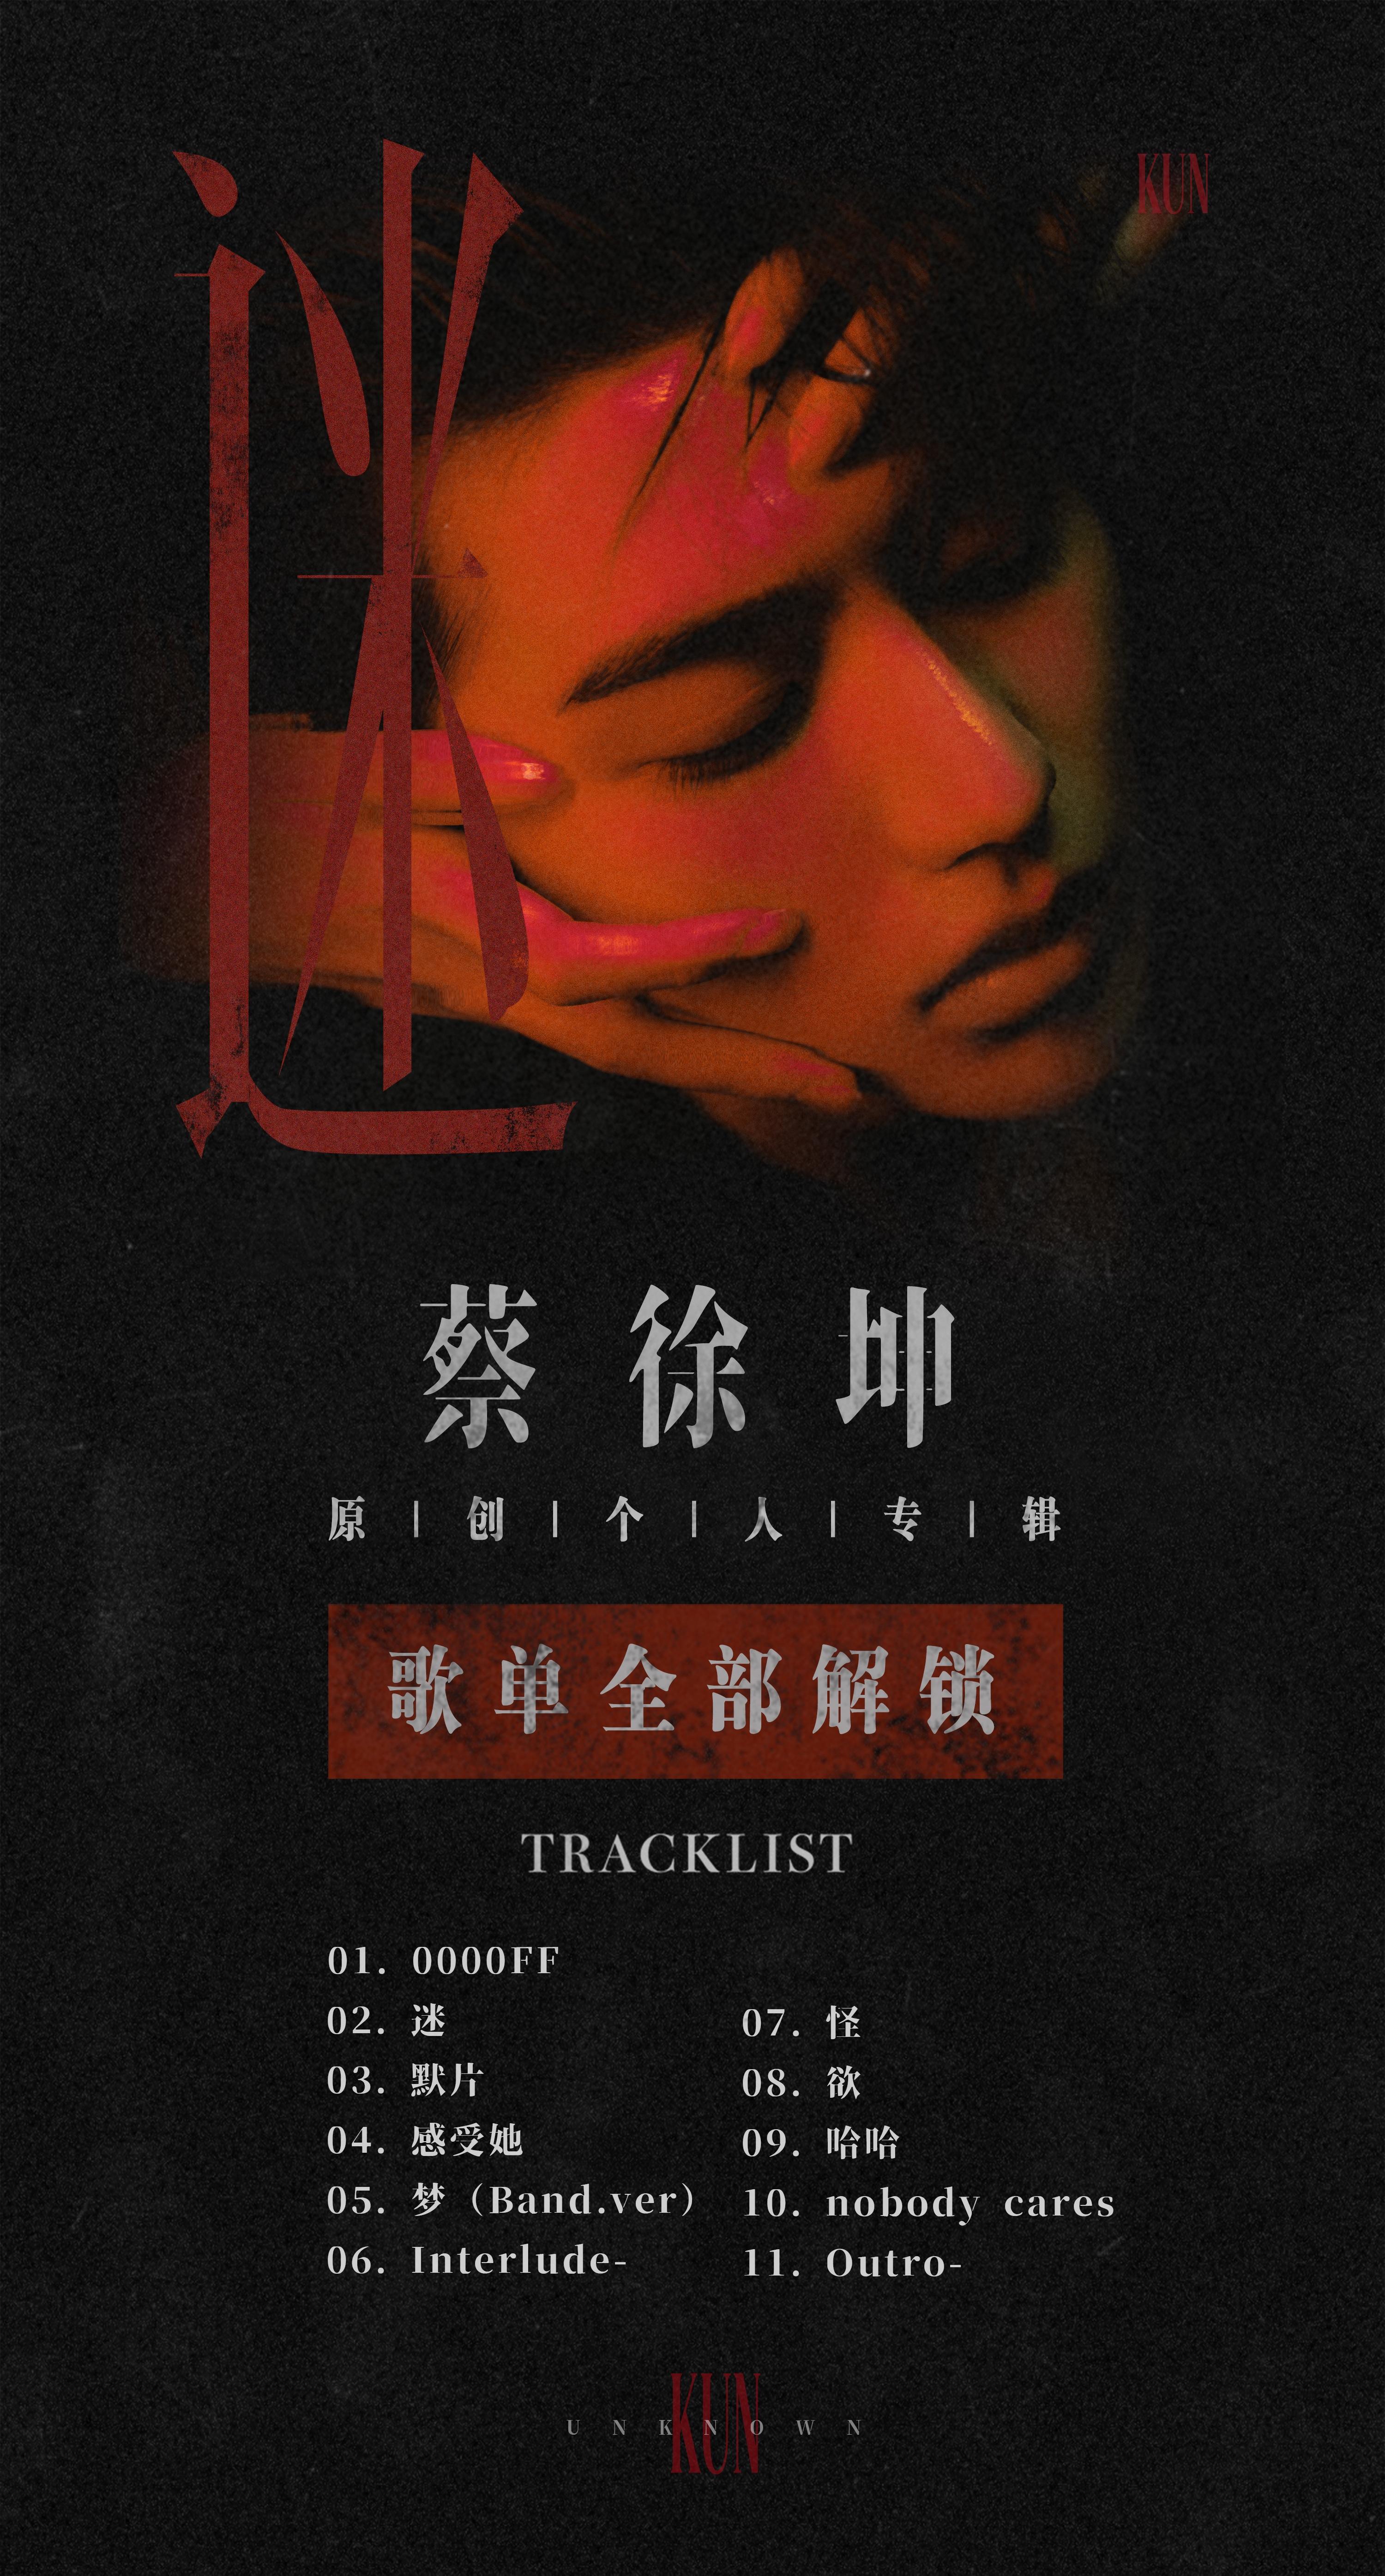 QQ音乐蔡徐坤专辑预售8400多万 6首歌空白:律师称涉嫌违法